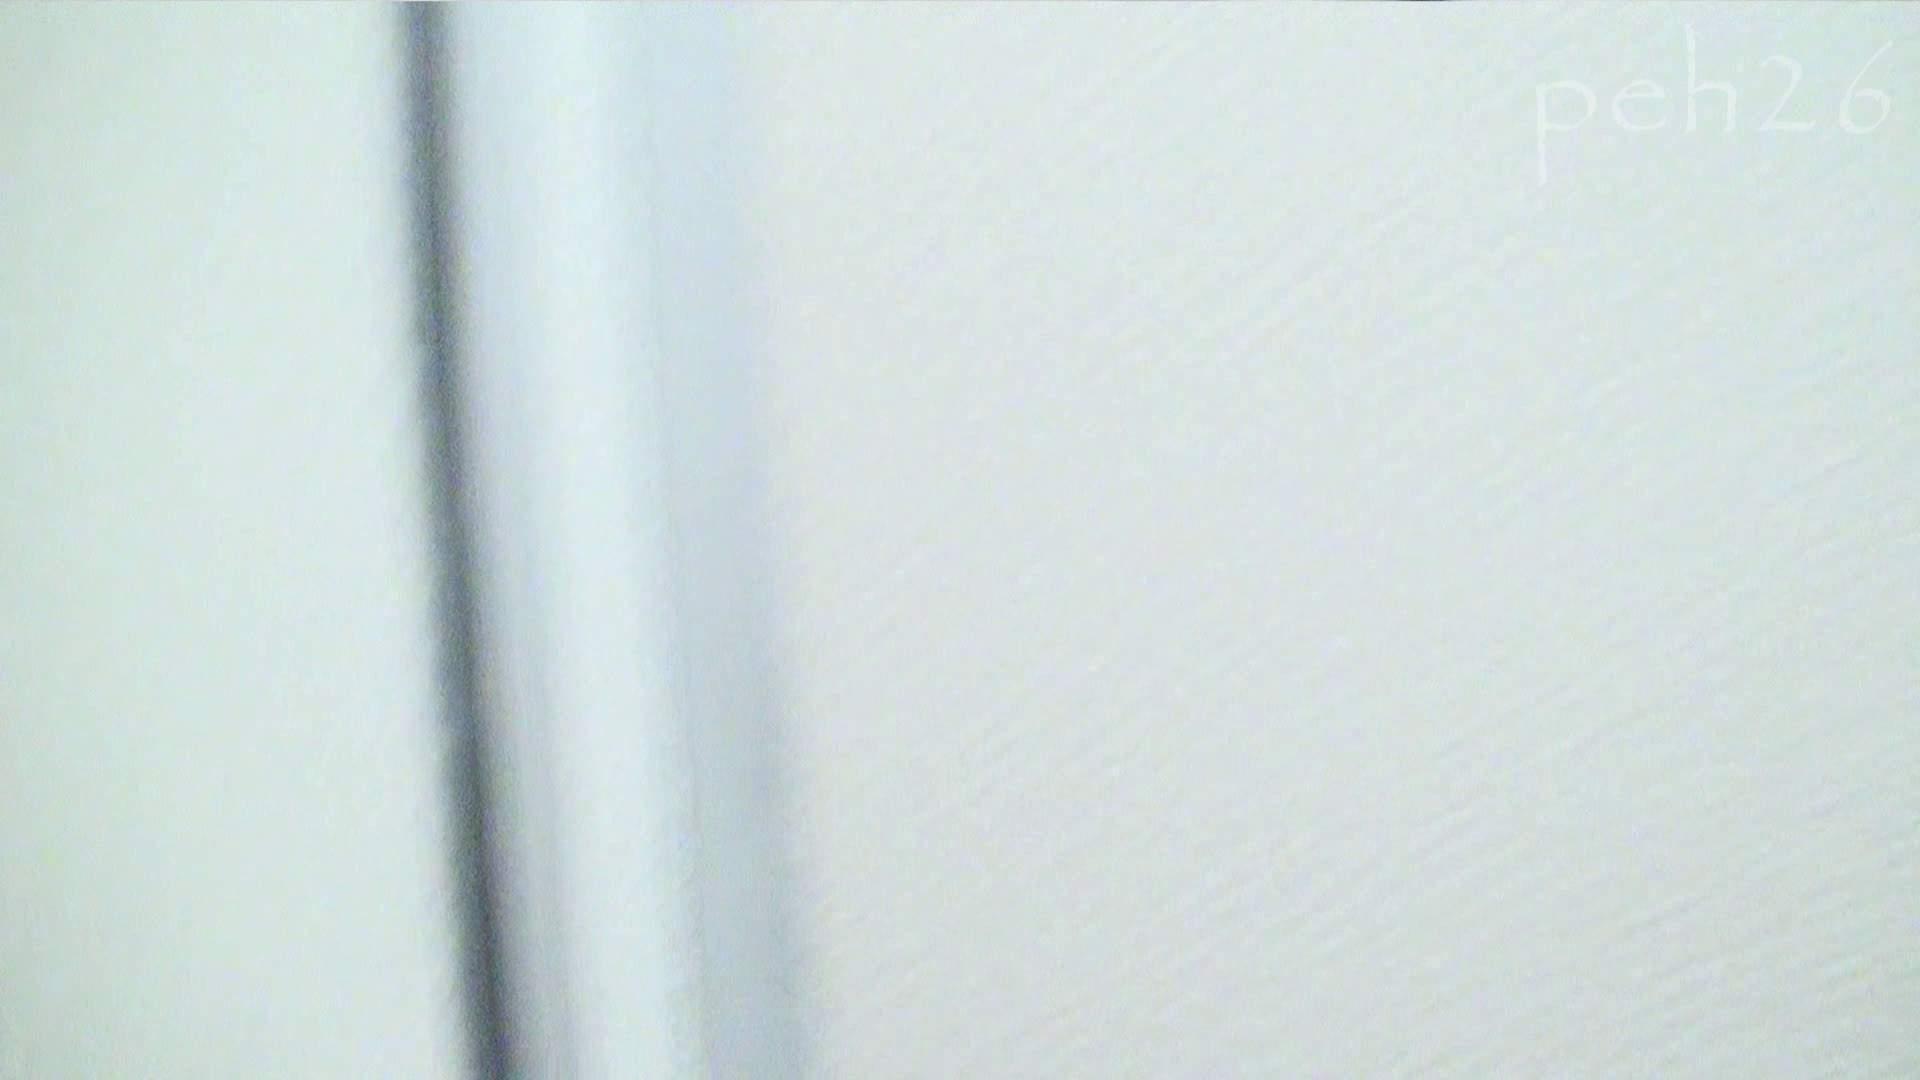 ※100個限定販売 至高下半身盗撮 プレミアム Vol.26 ハイビジョン 盗撮大放出 | 0  47連発 25